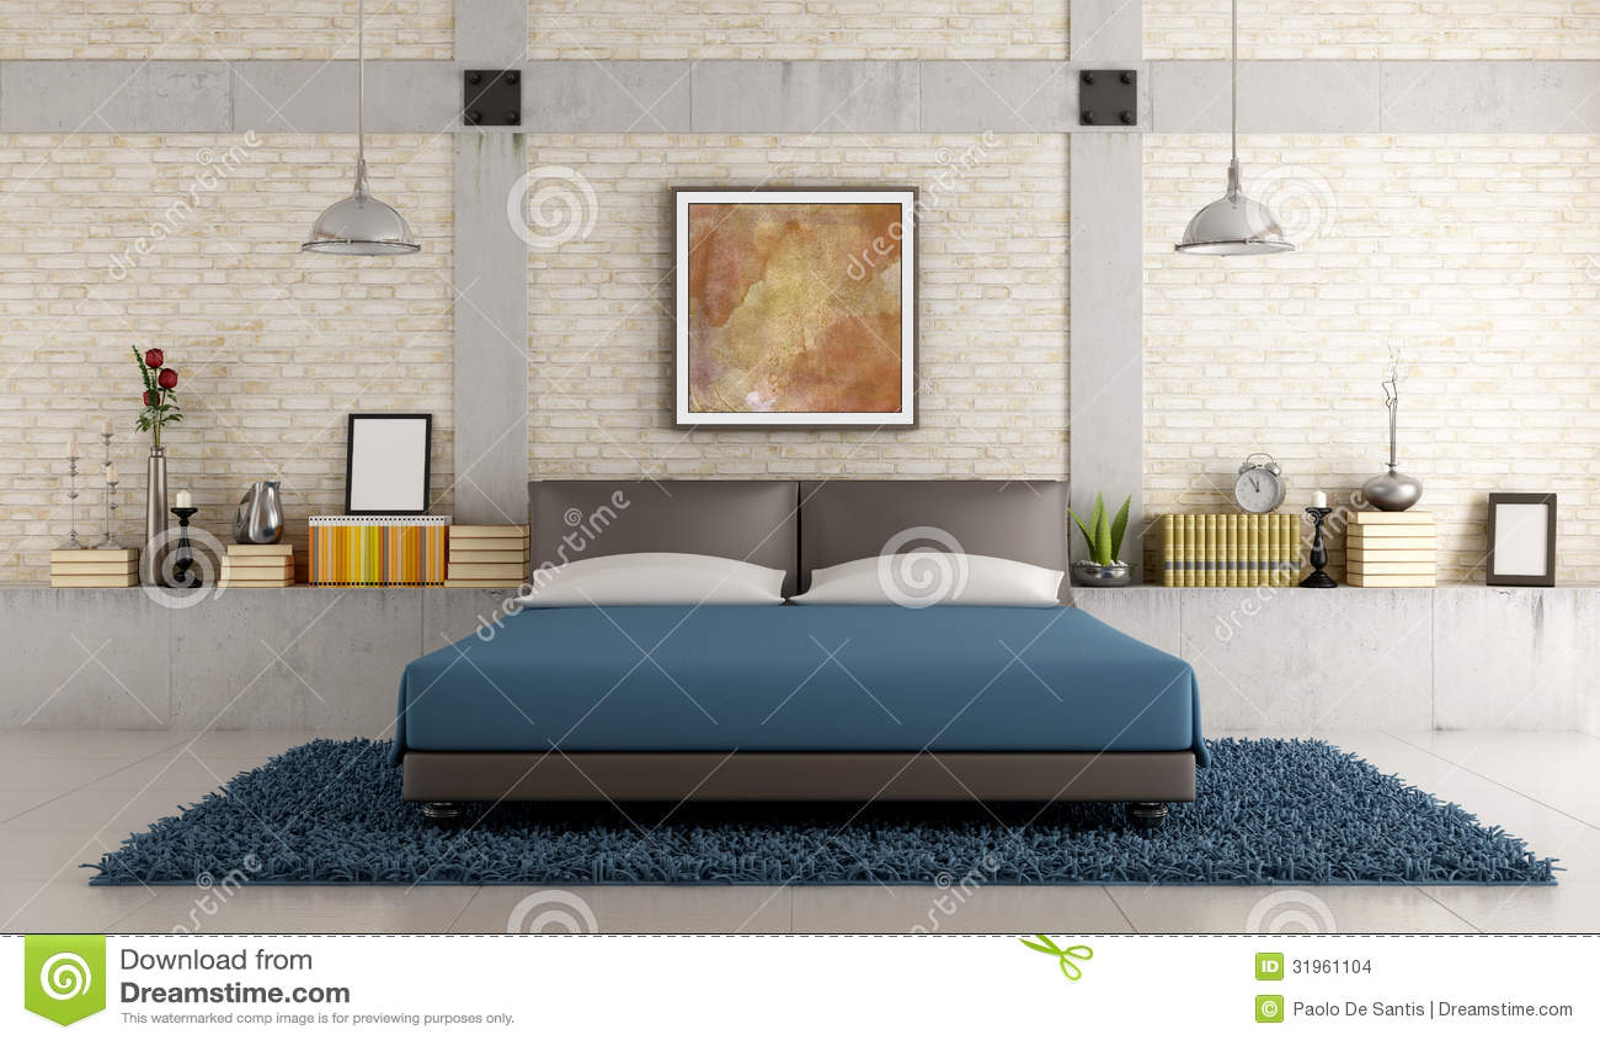 Camera da letto contemporanea in un sottotetto immagini - Camera da letto contemporanea ...